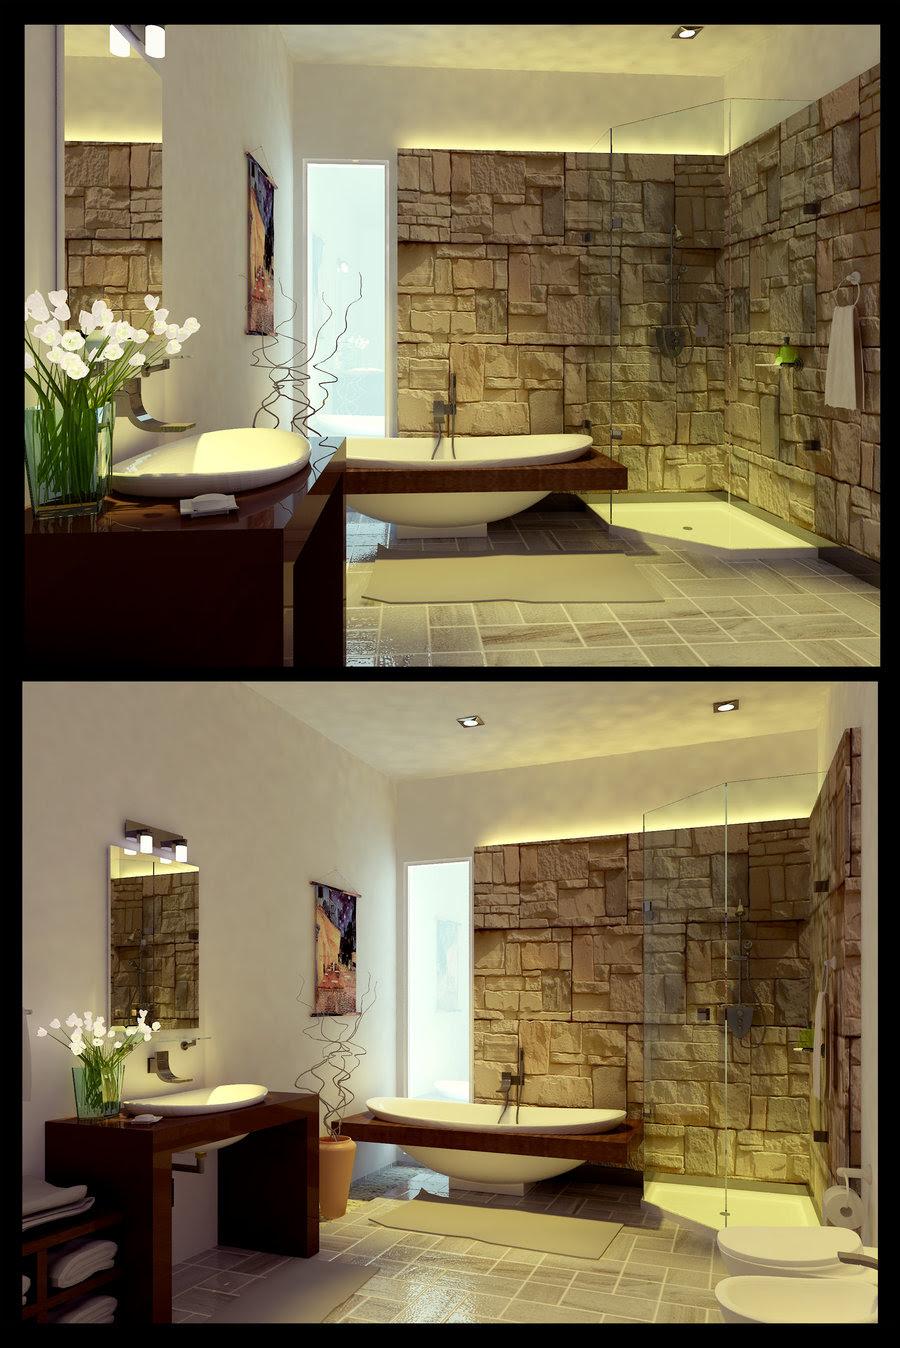 25 Peaceful Zen Bathroom Design Ideas - Decoration Love